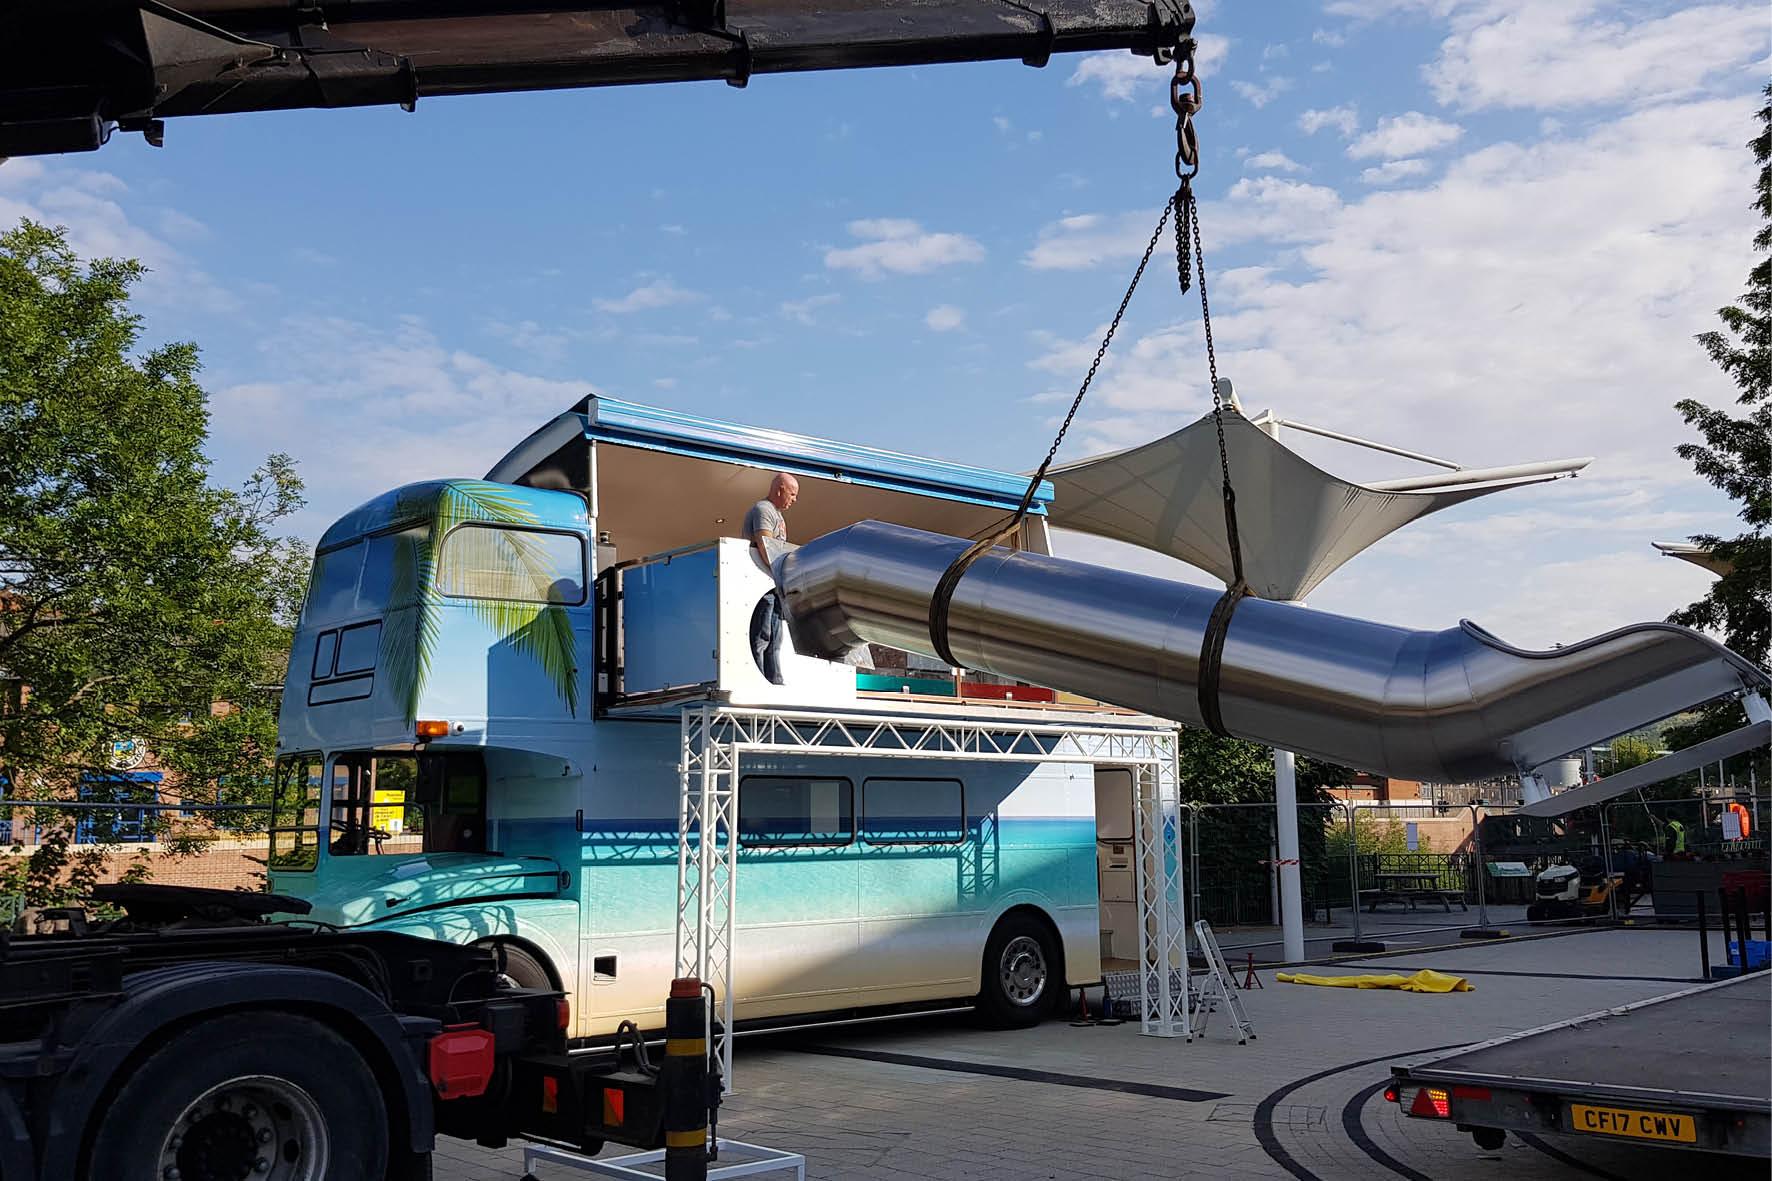 bus_business_meadowhall_beach_club_.jpg